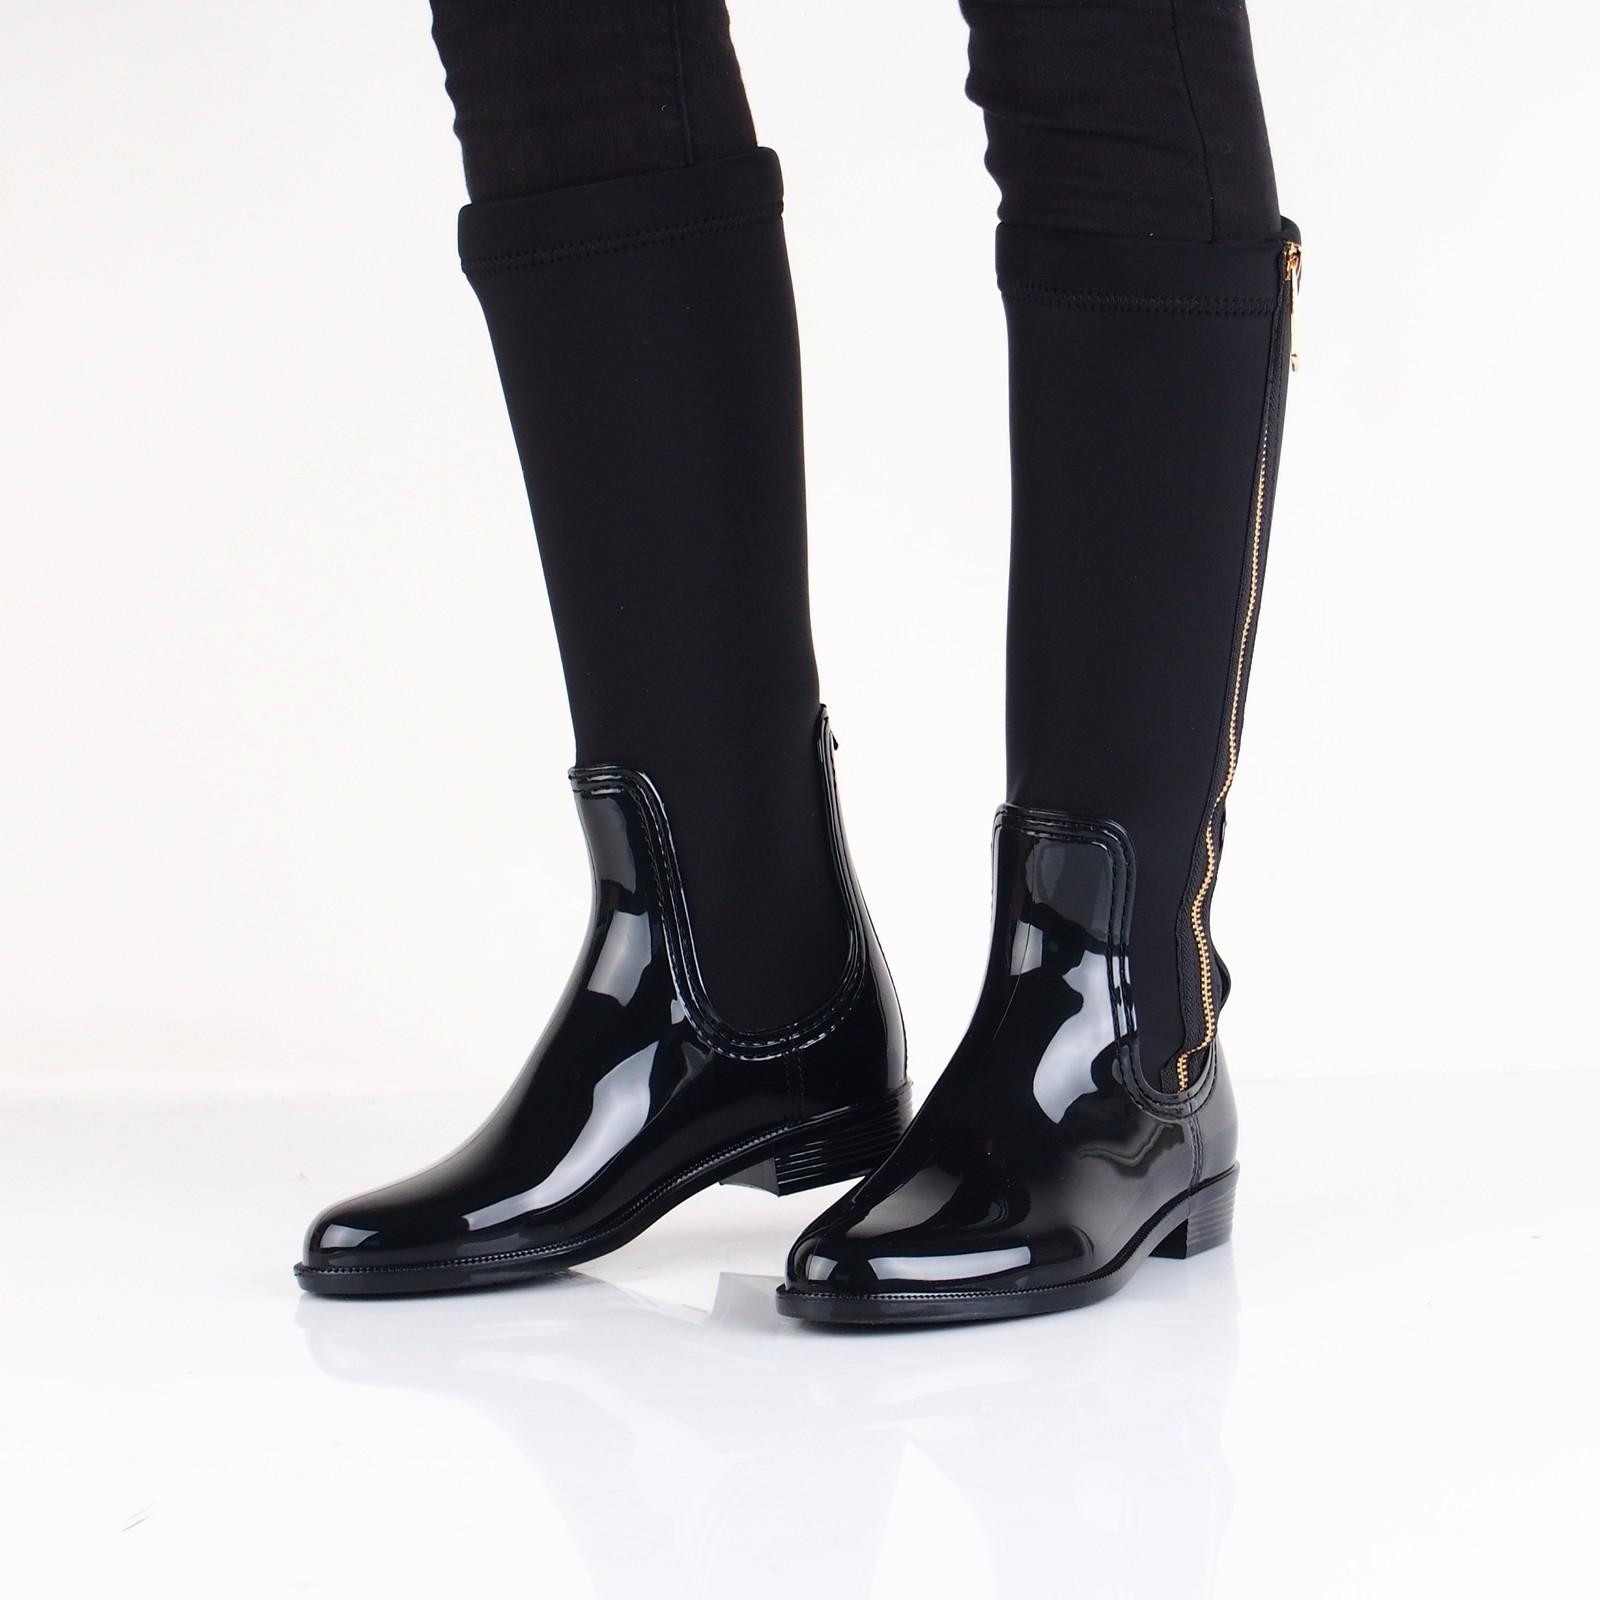 7f11b2eb80 Tommy Hilfiger dámske štýlové vysoké čižmy - čierne ...